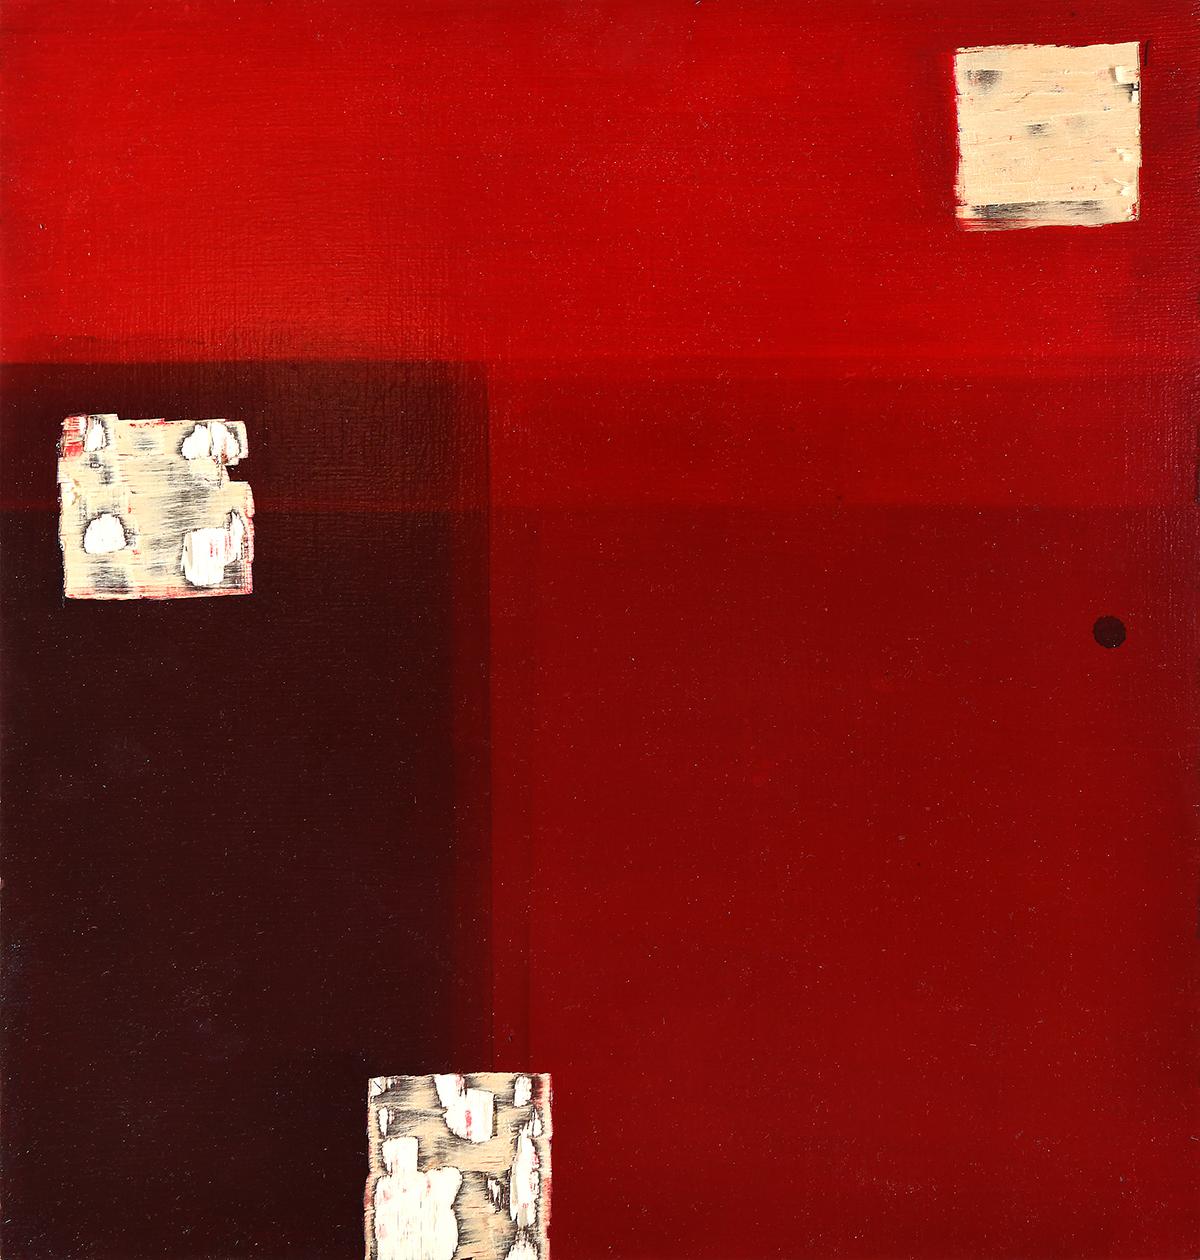 Romulus und Remus (Remus), Öl und Flachstich auf Schichtholzplatte, 42 x 40, 2019